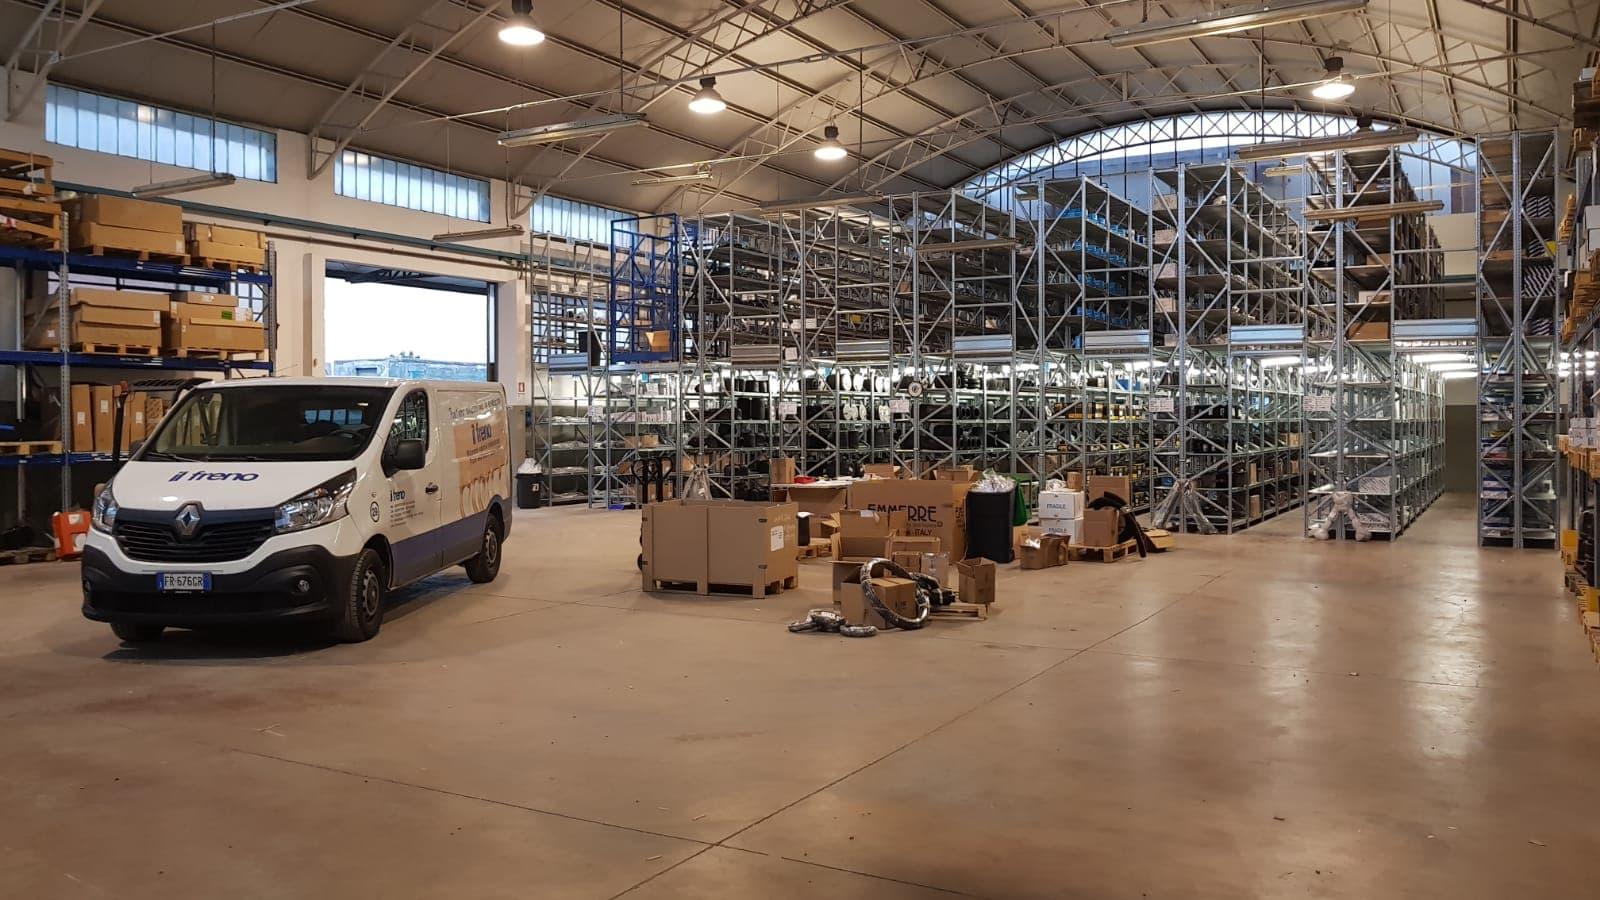 Sede Cesena IFG - il freno - Ricambi Veicoli Industriali, autocarri e bus